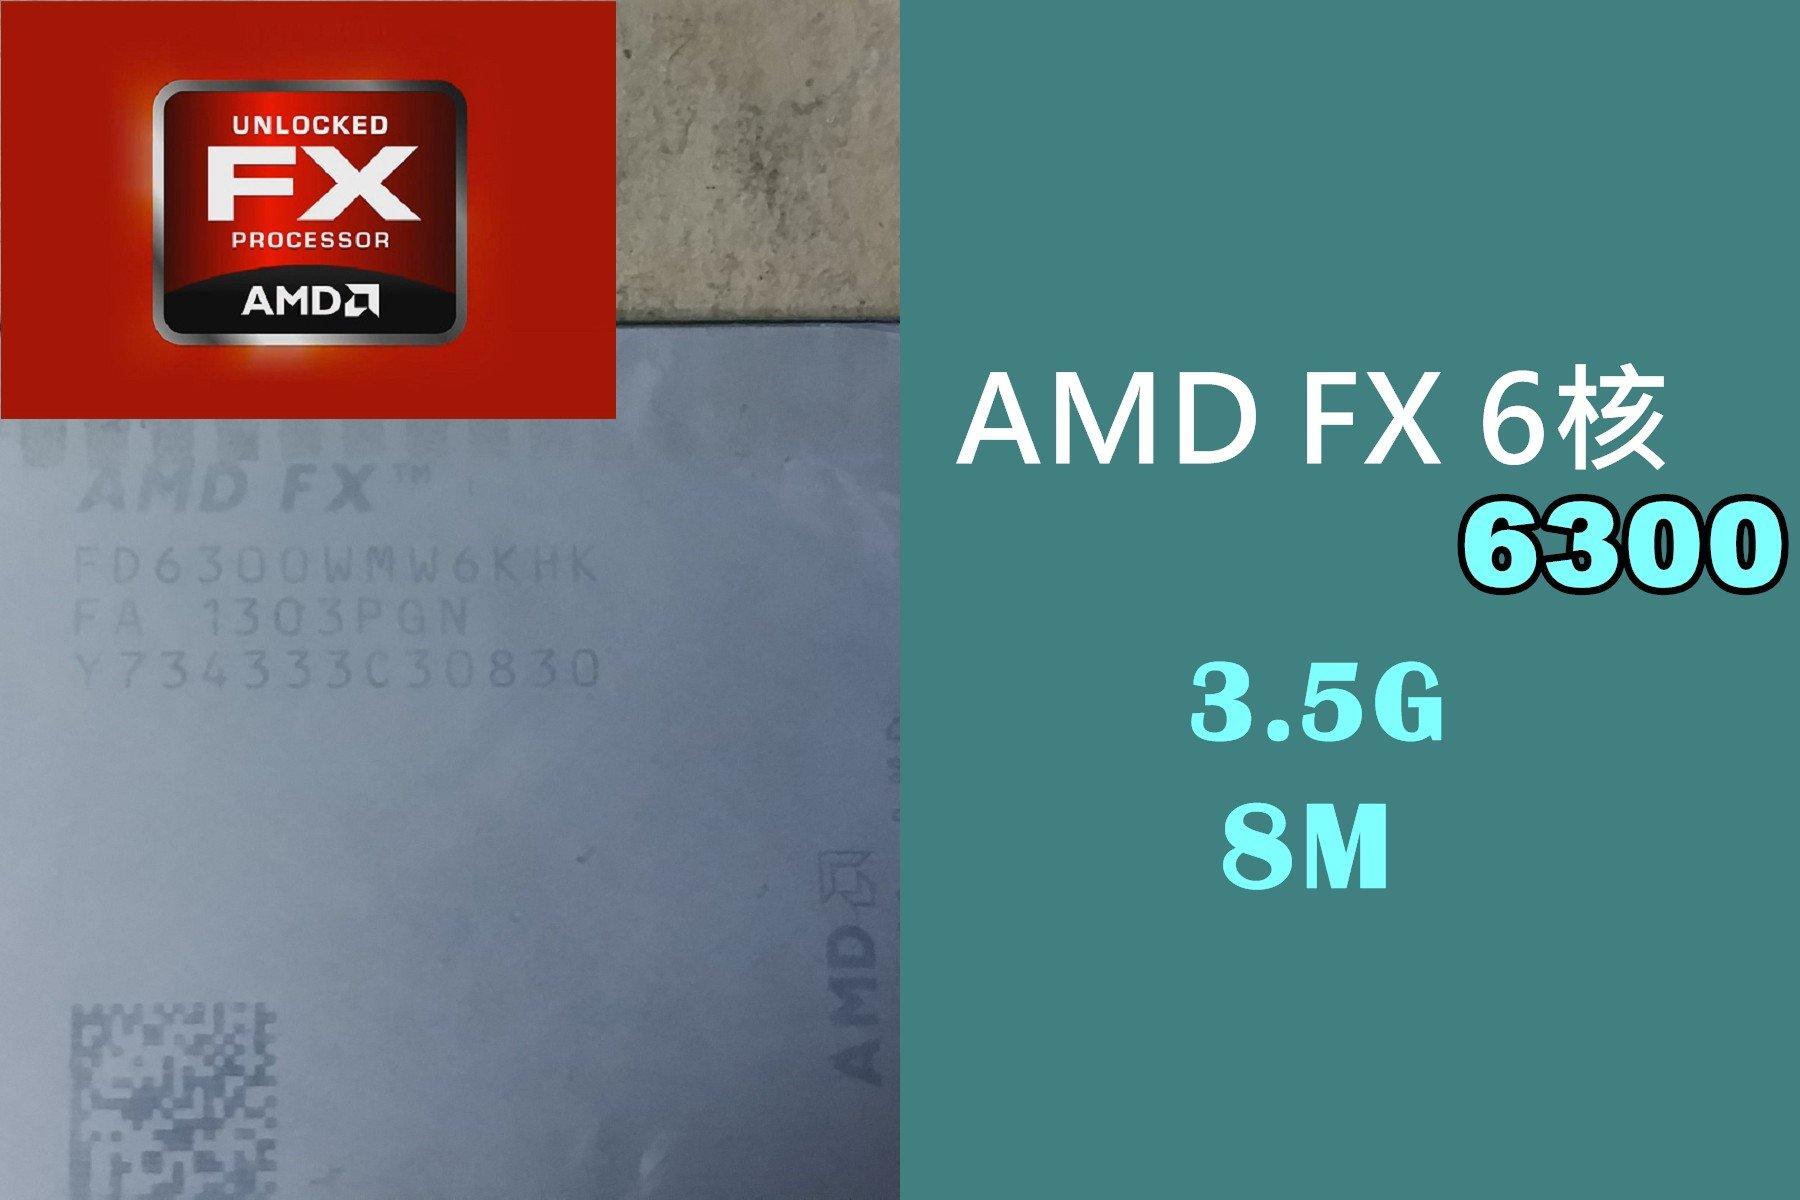 【 大胖電腦 】AMD FX-6300 CPU 六核心 處理器/AM3+/8M 3.5G/良品保固30天 直購價600元